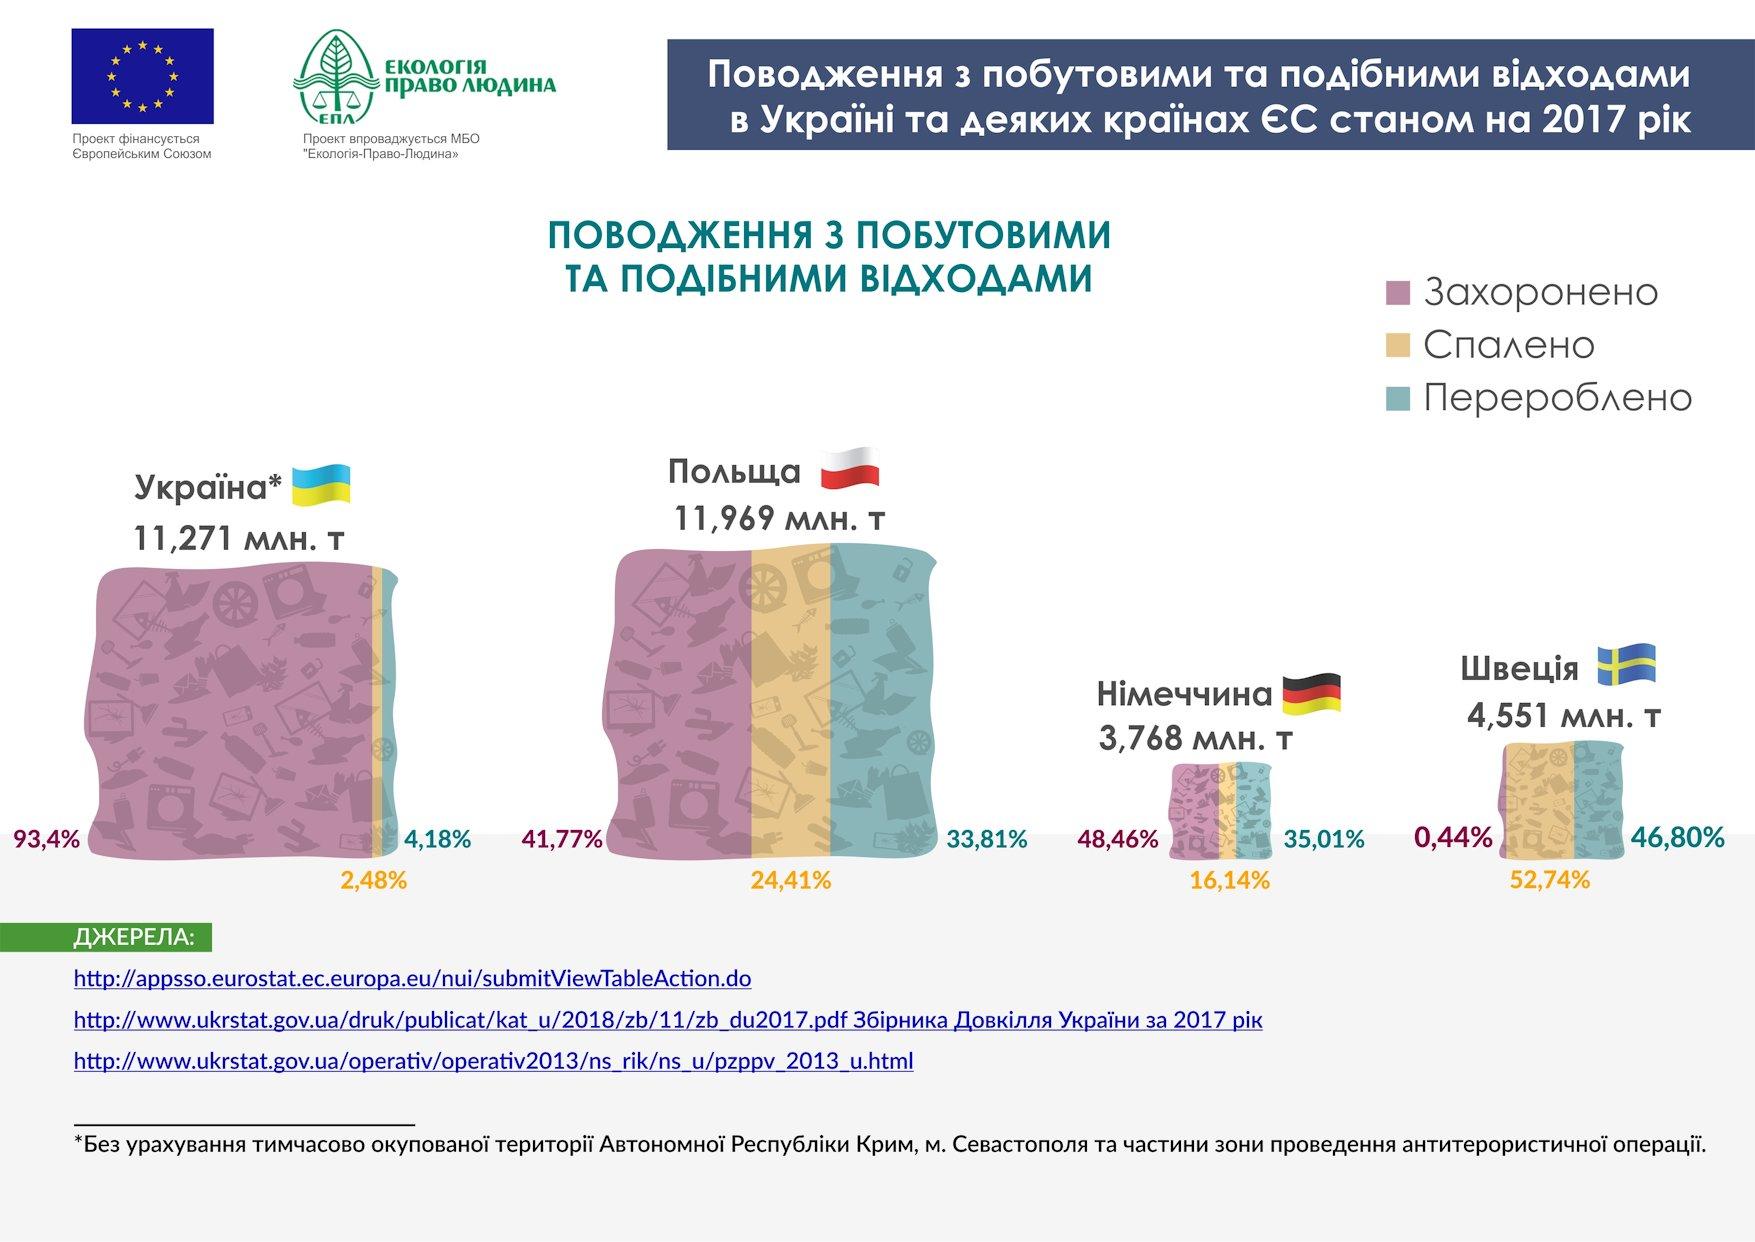 4_povodzhennya-z-tpv-es-2019_01